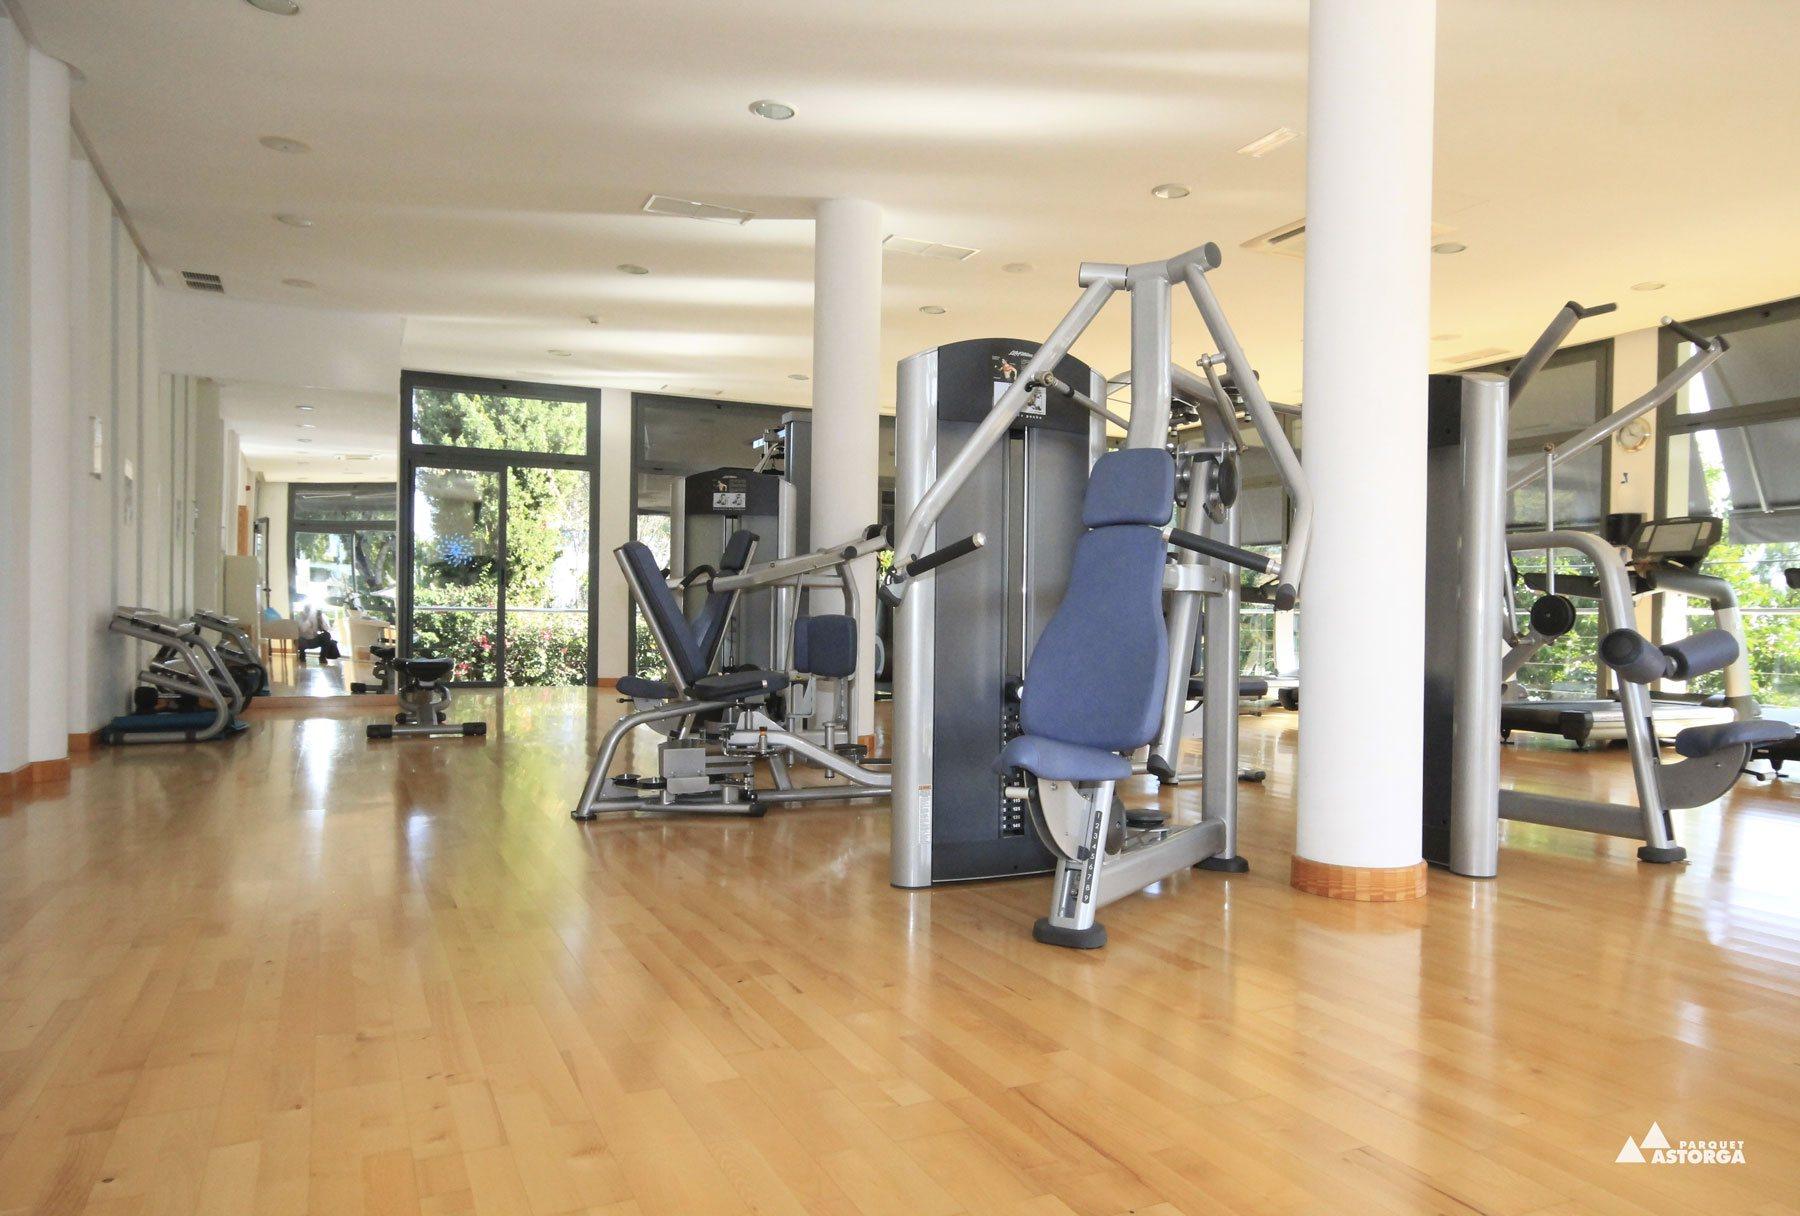 El suelo perfecto para un gimnasio parquet astorga - Suelo gimnasio ...